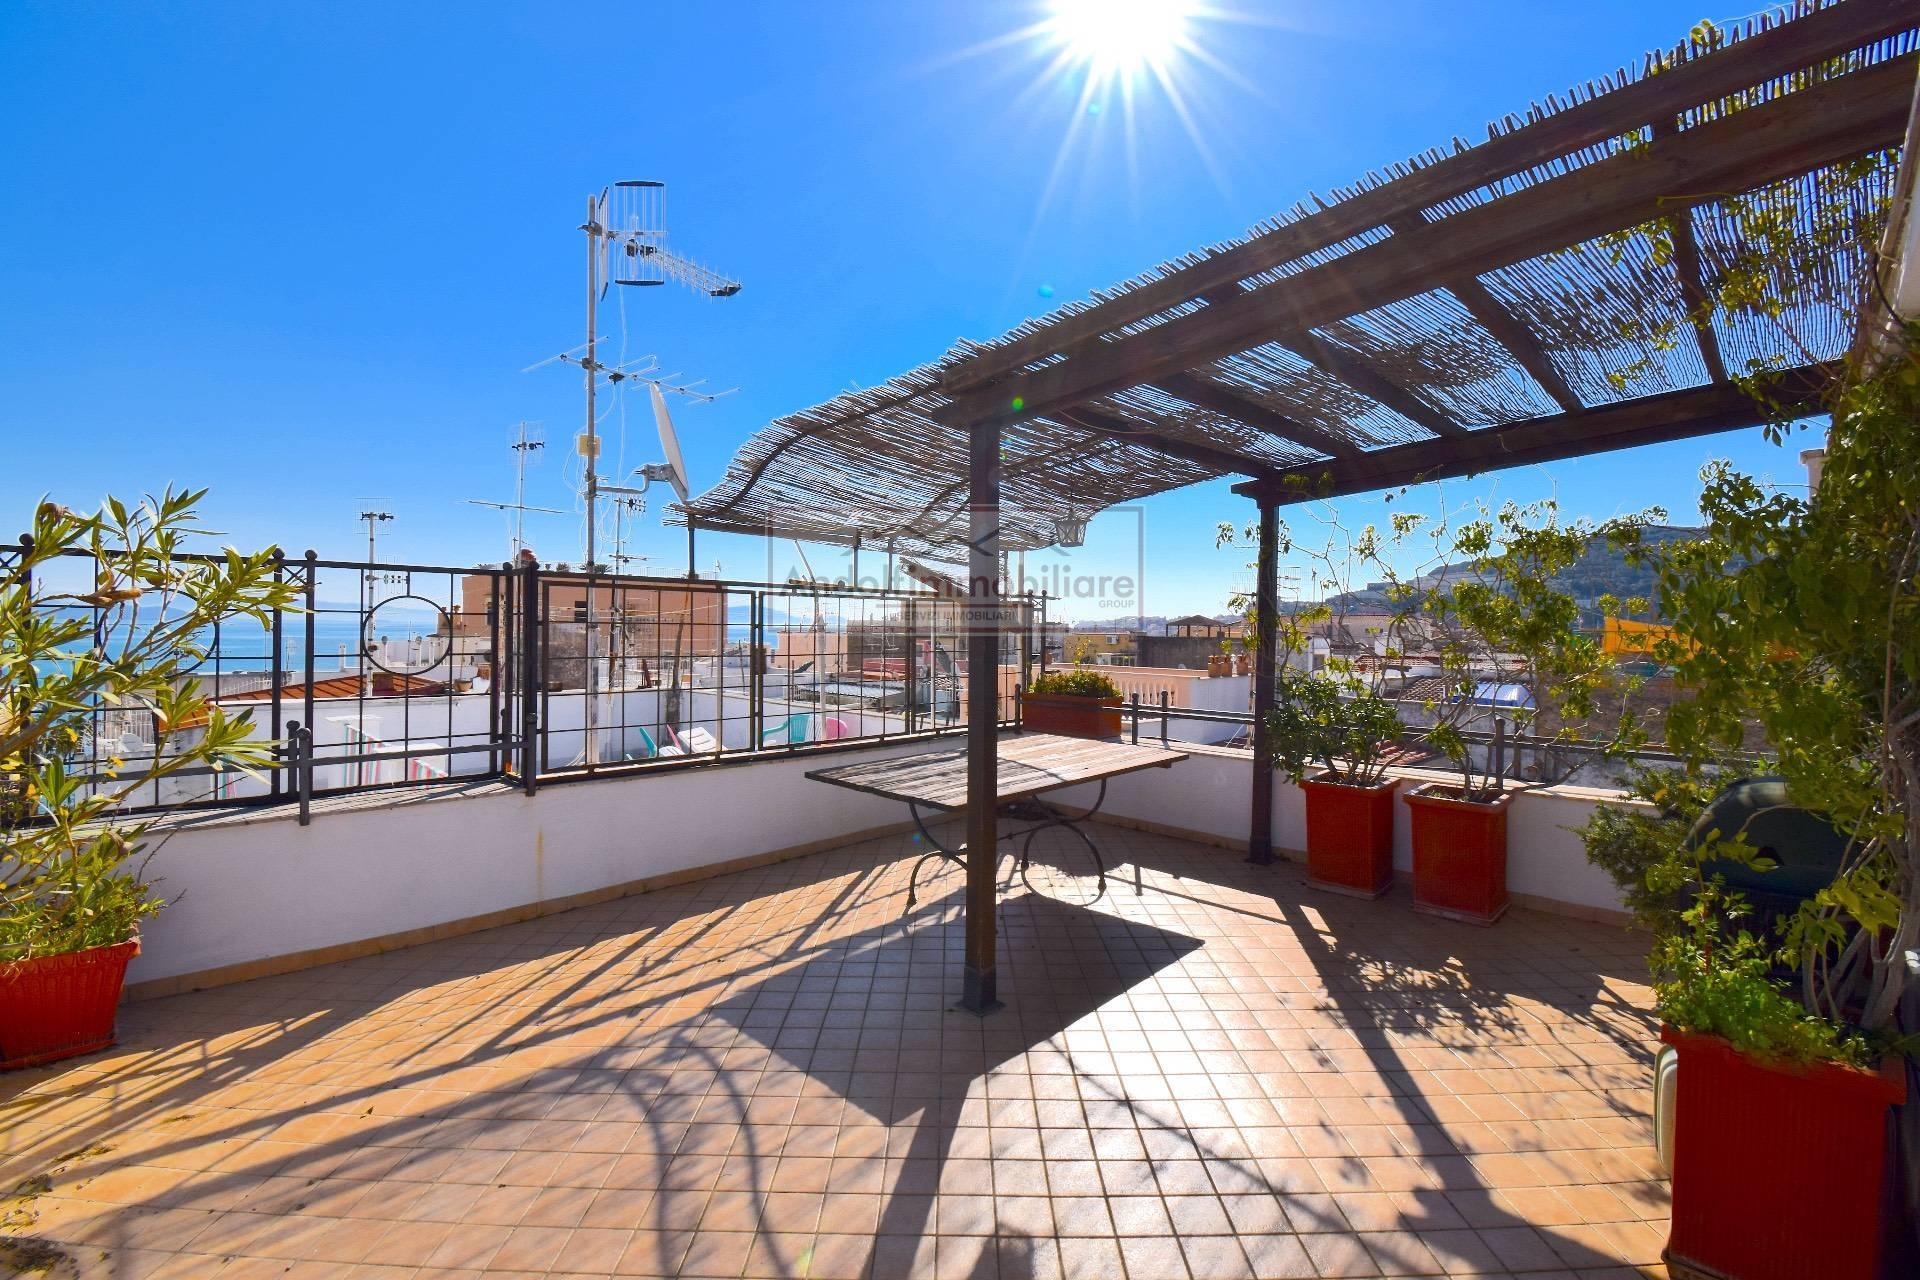 Appartamento in vendita a Gaeta, 3 locali, prezzo € 185.000 | CambioCasa.it